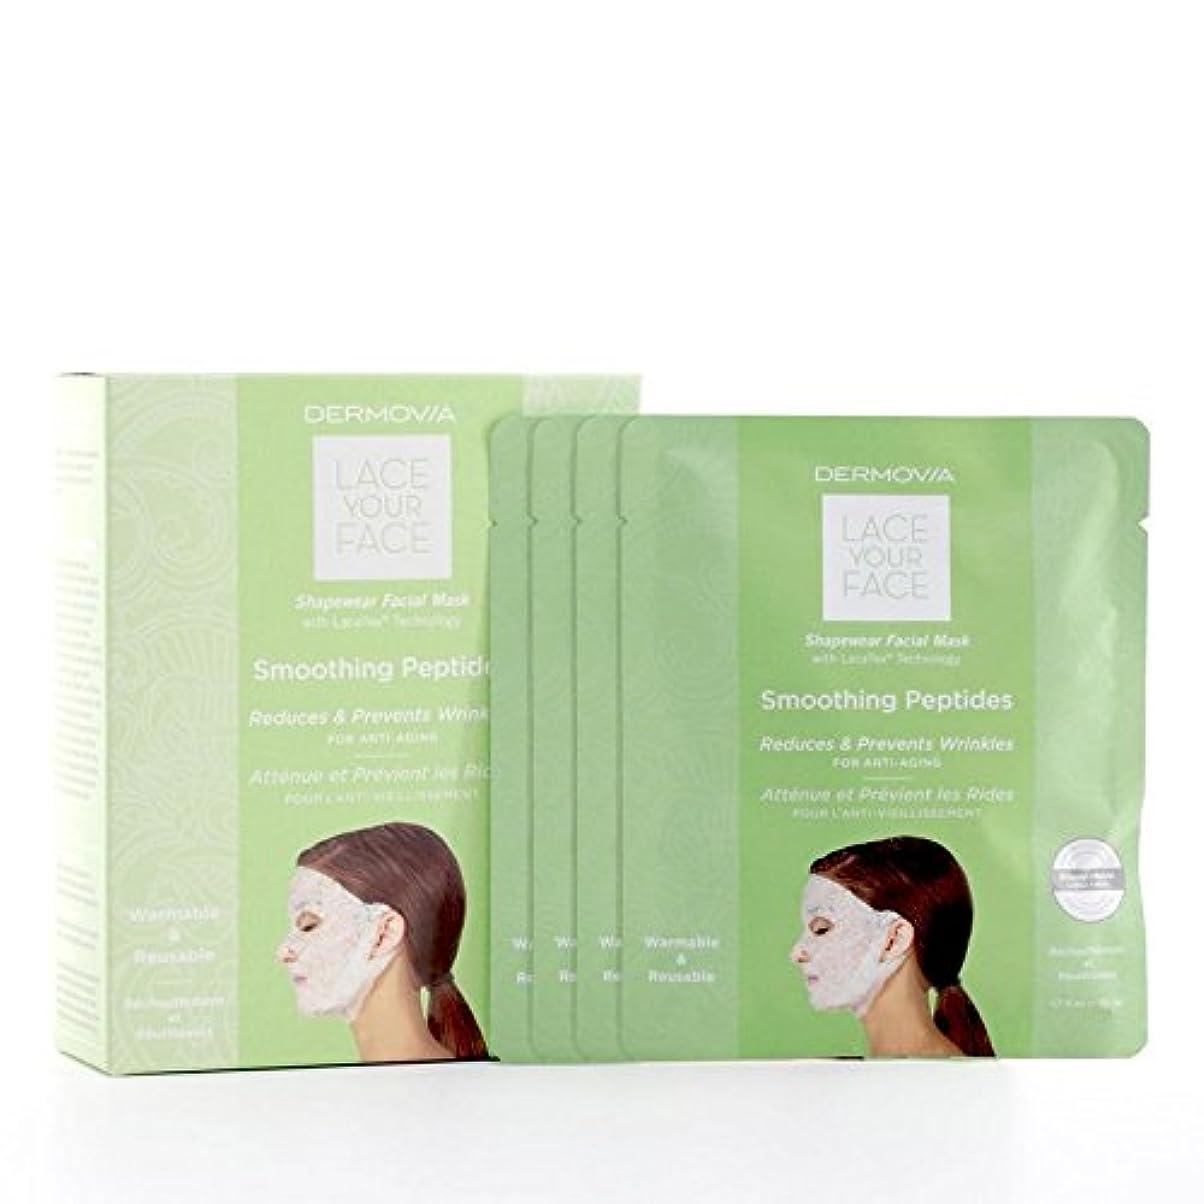 回る物思いにふける夫婦Dermovia Lace Your Face Compression Facial Mask Smoothing Peptides (Pack of 6) - は、あなたの顔の圧縮フェイシャルマスク平滑化ペプチドをひもで...